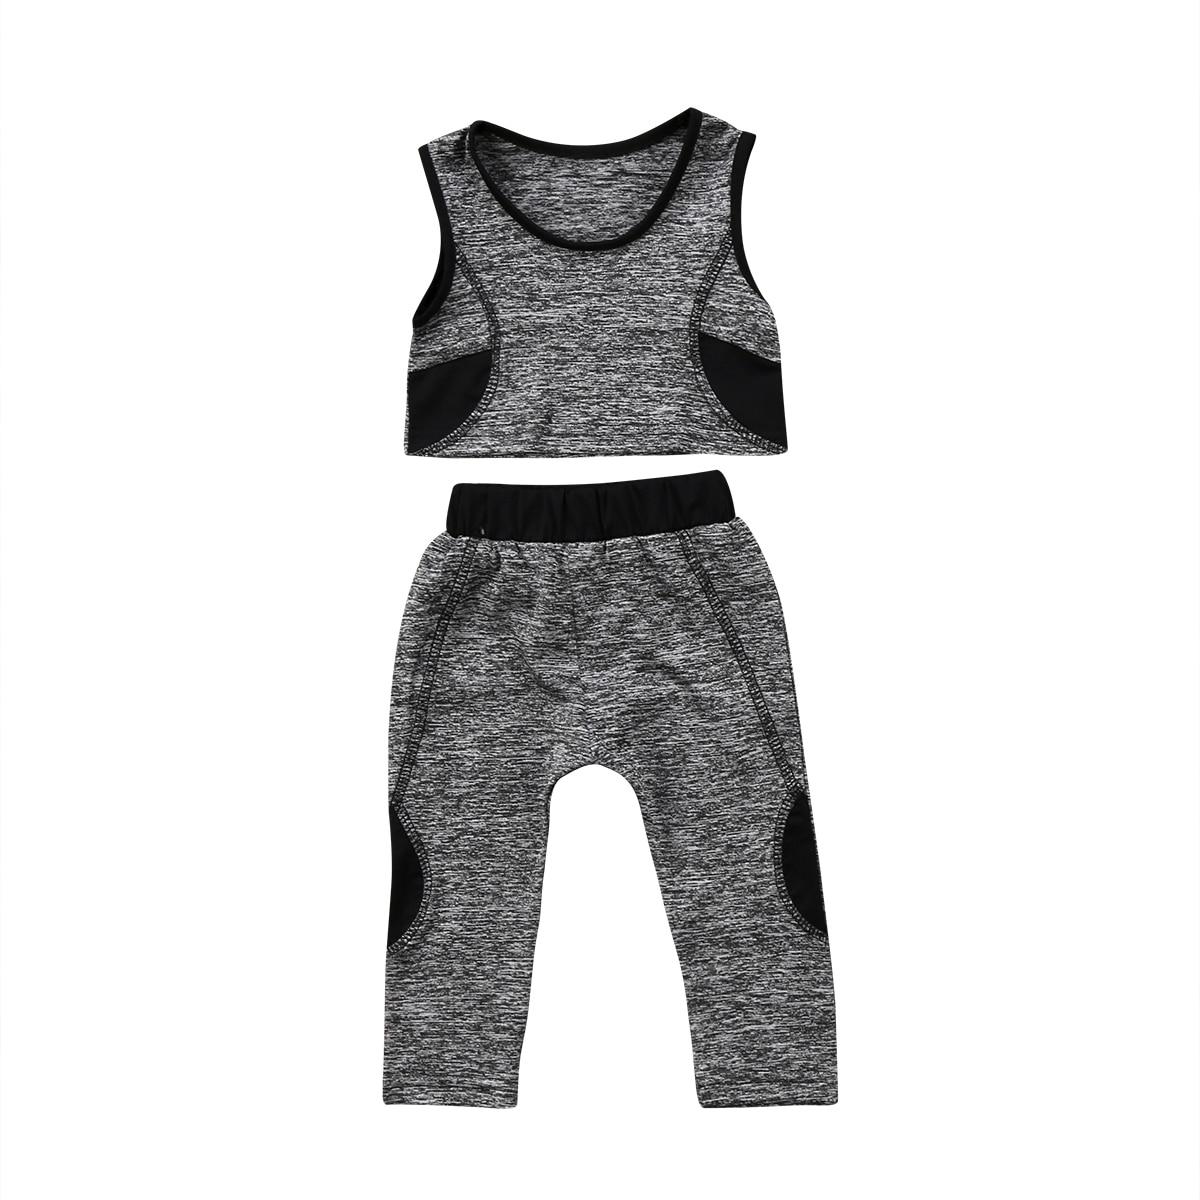 Conjunto de ropa para yoga, chaleco, pantalones cortos, Leggings elásticos, atuendos deportivos a la moda para niños y niñas